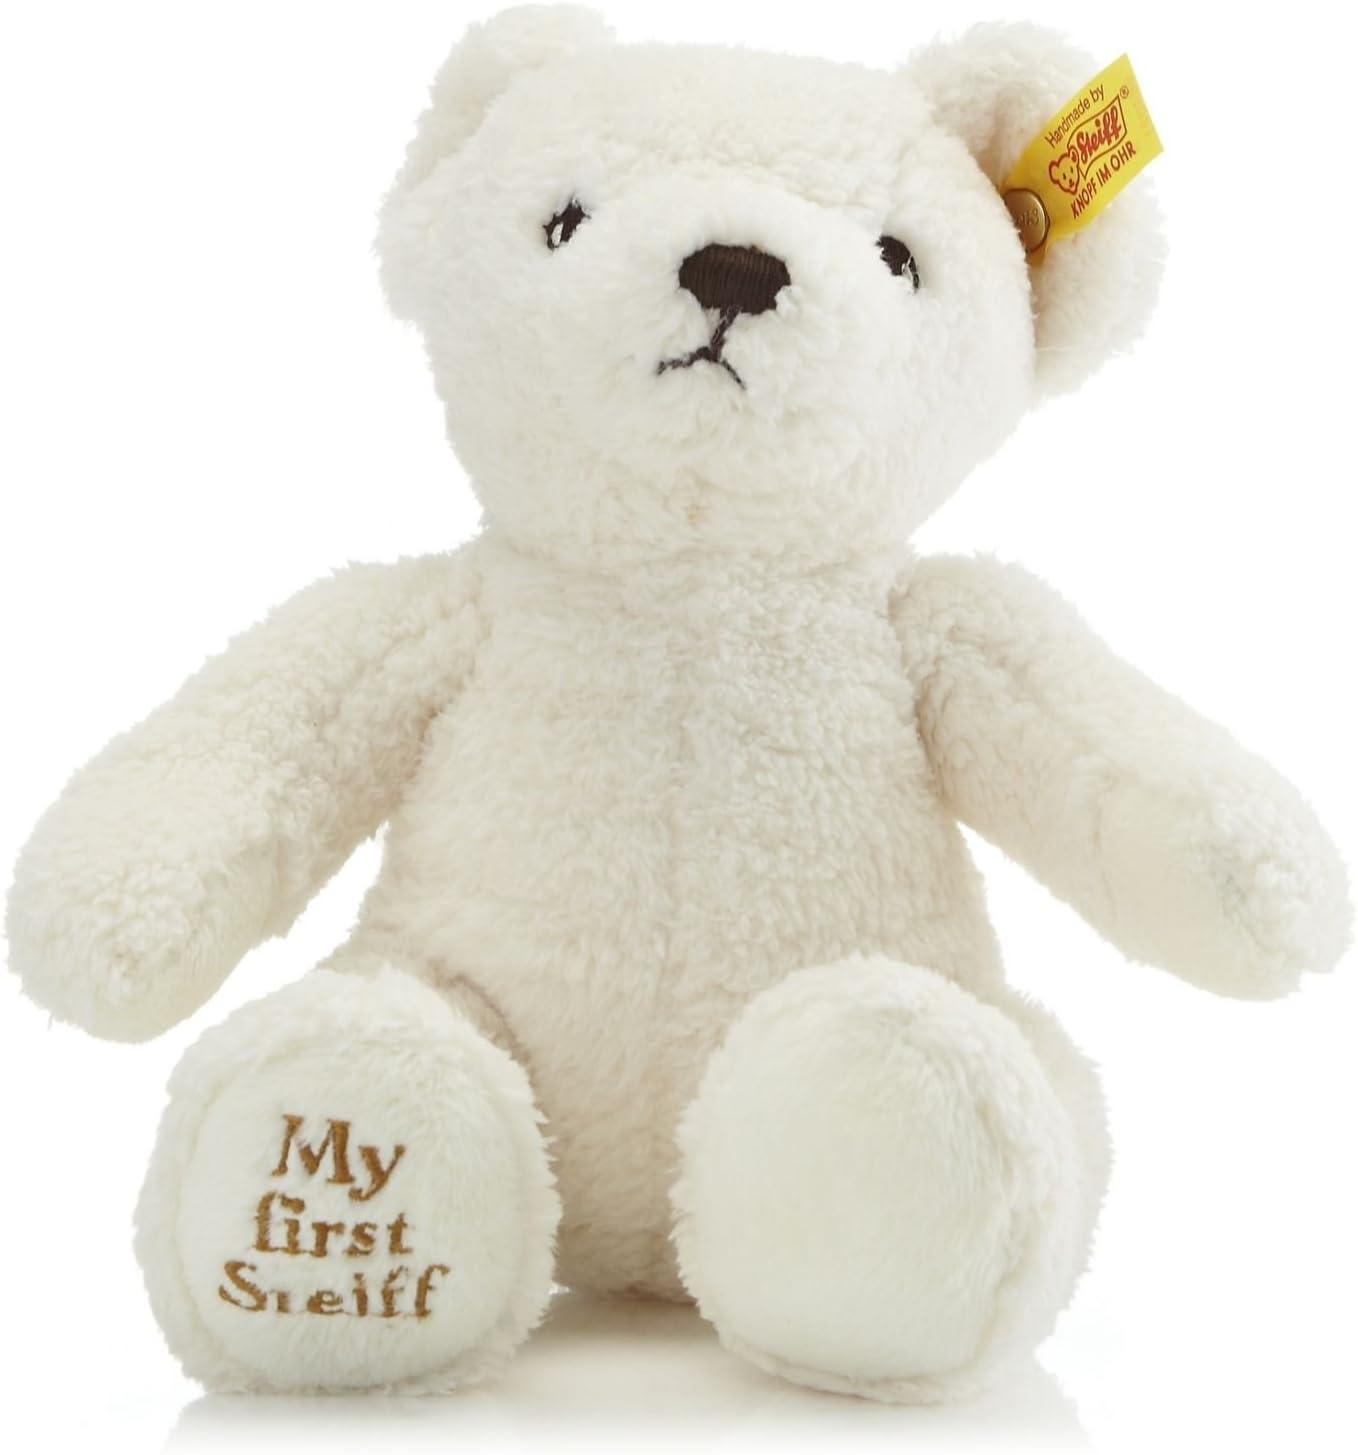 Steiff My First Teddy Bear Plush Beige